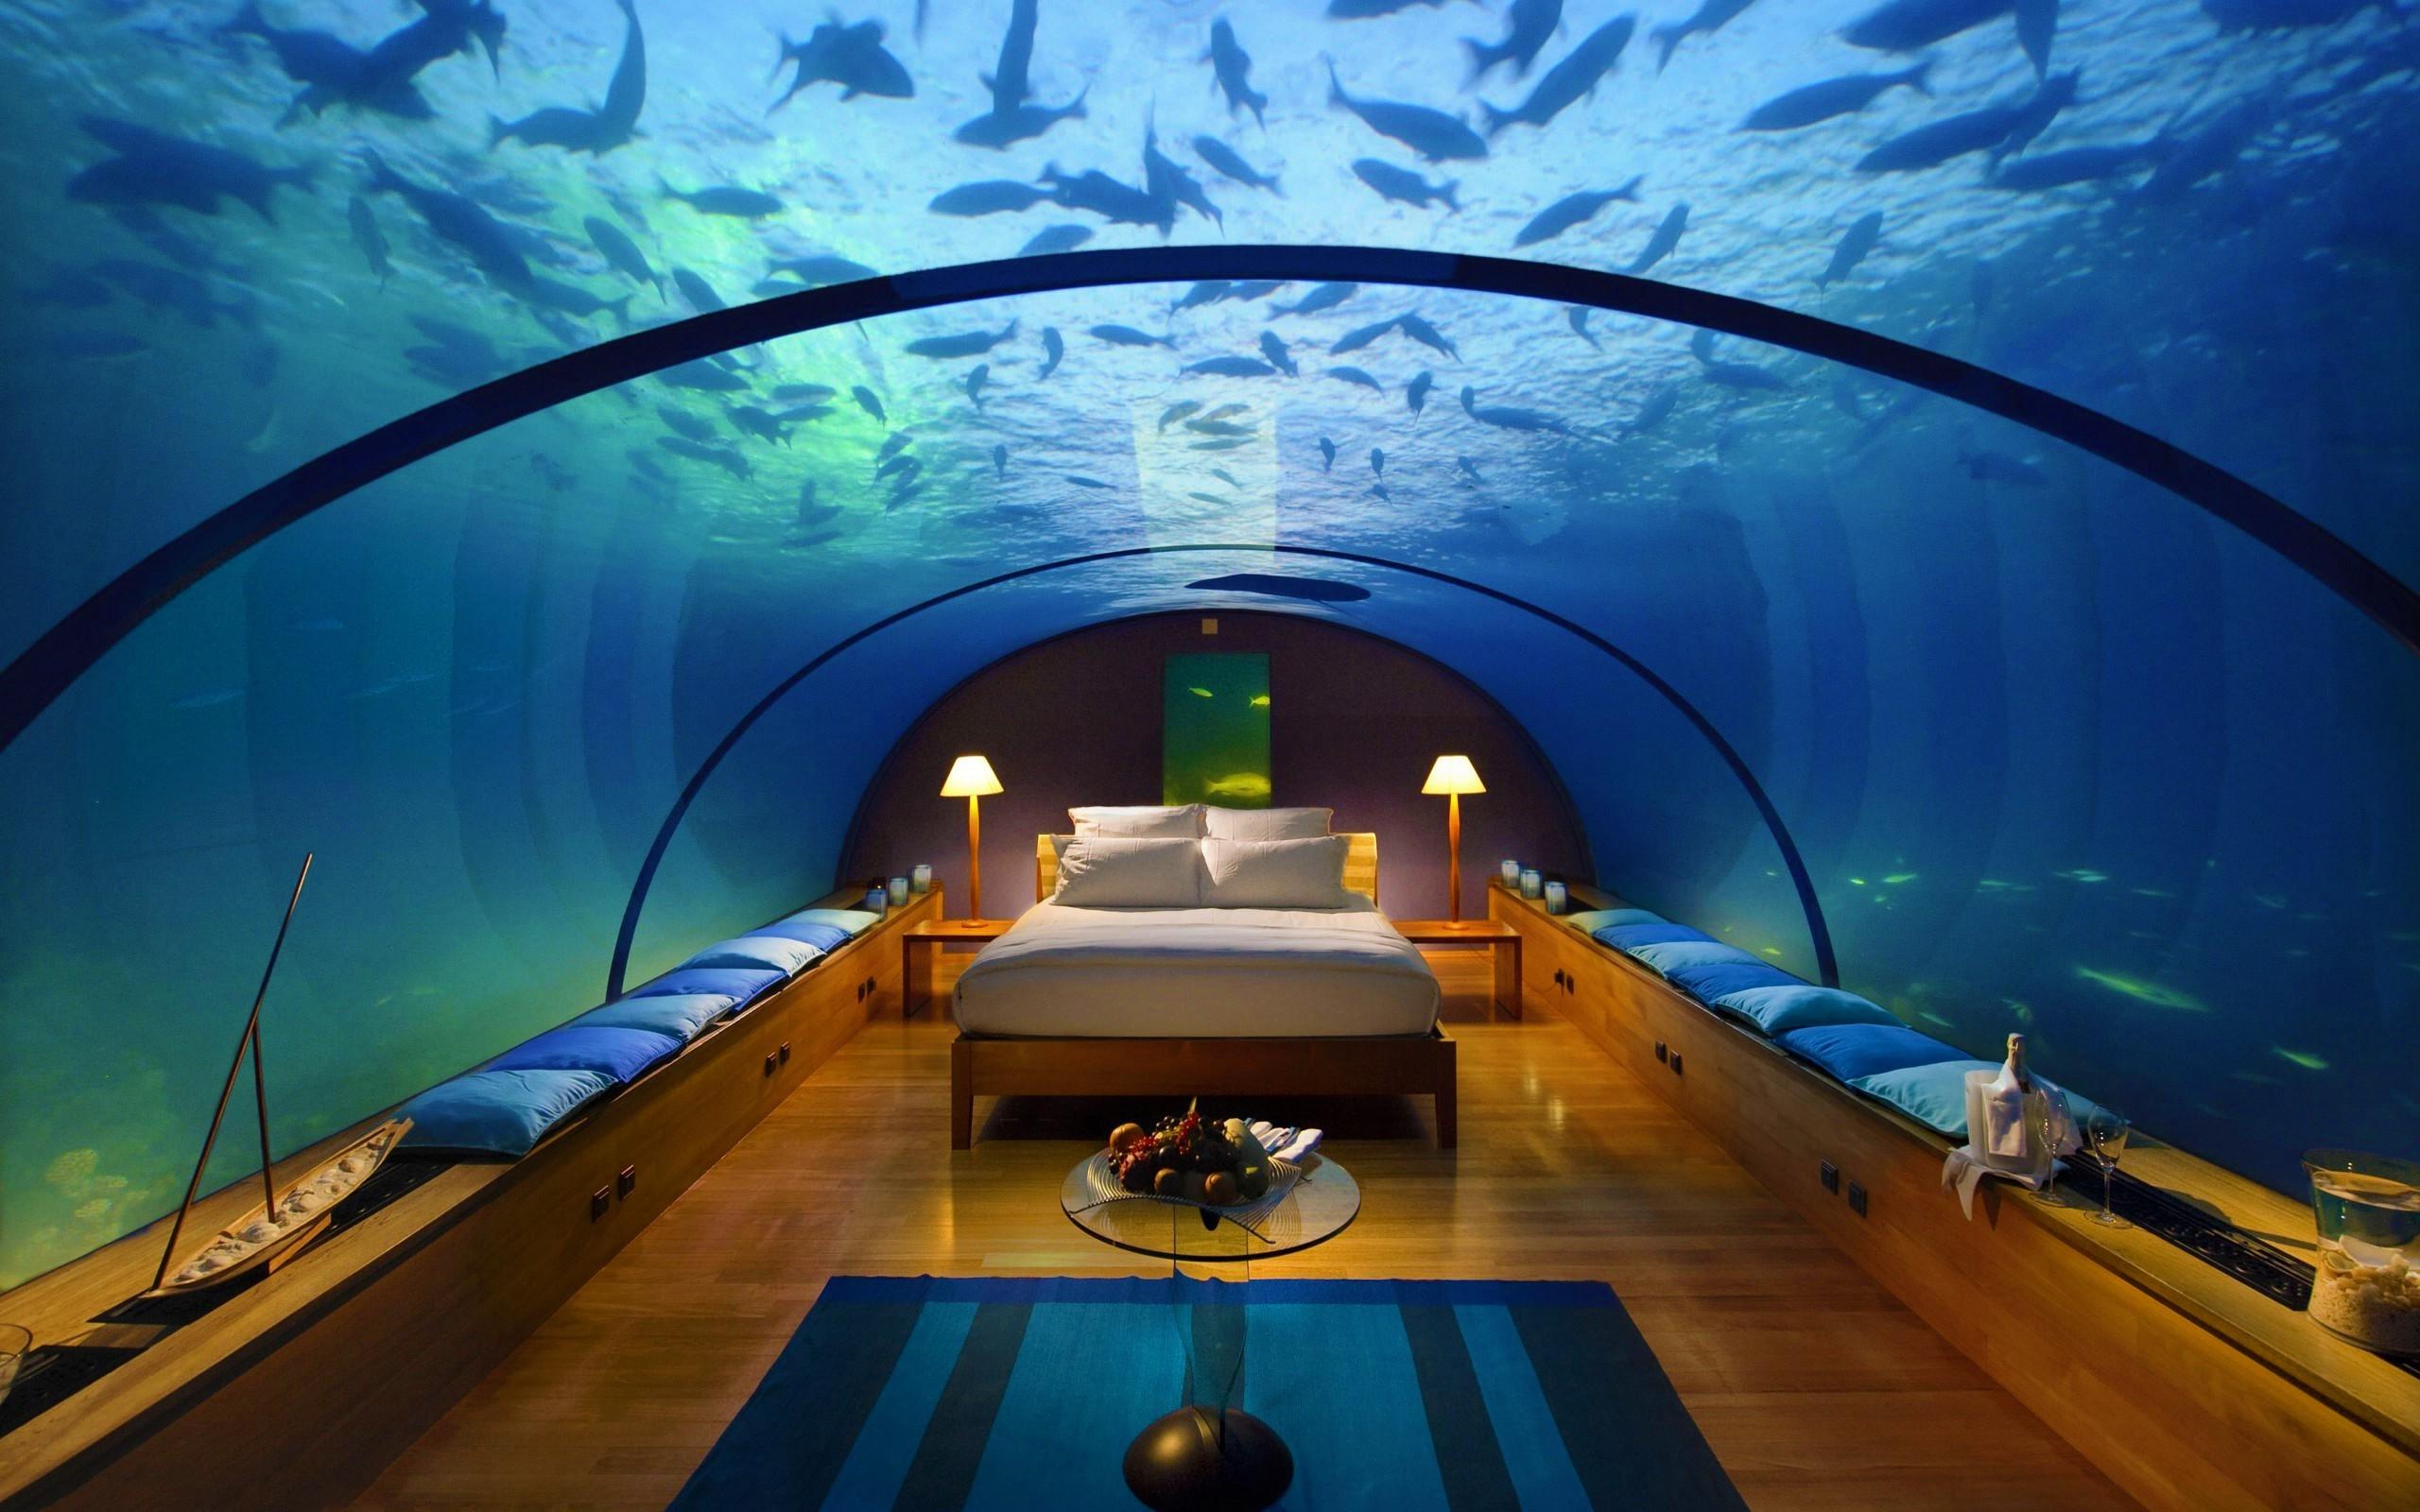 fond d 39 cran int rieur lit un h tel piscine sous marin chambre aquarium capture d 39 cran. Black Bedroom Furniture Sets. Home Design Ideas